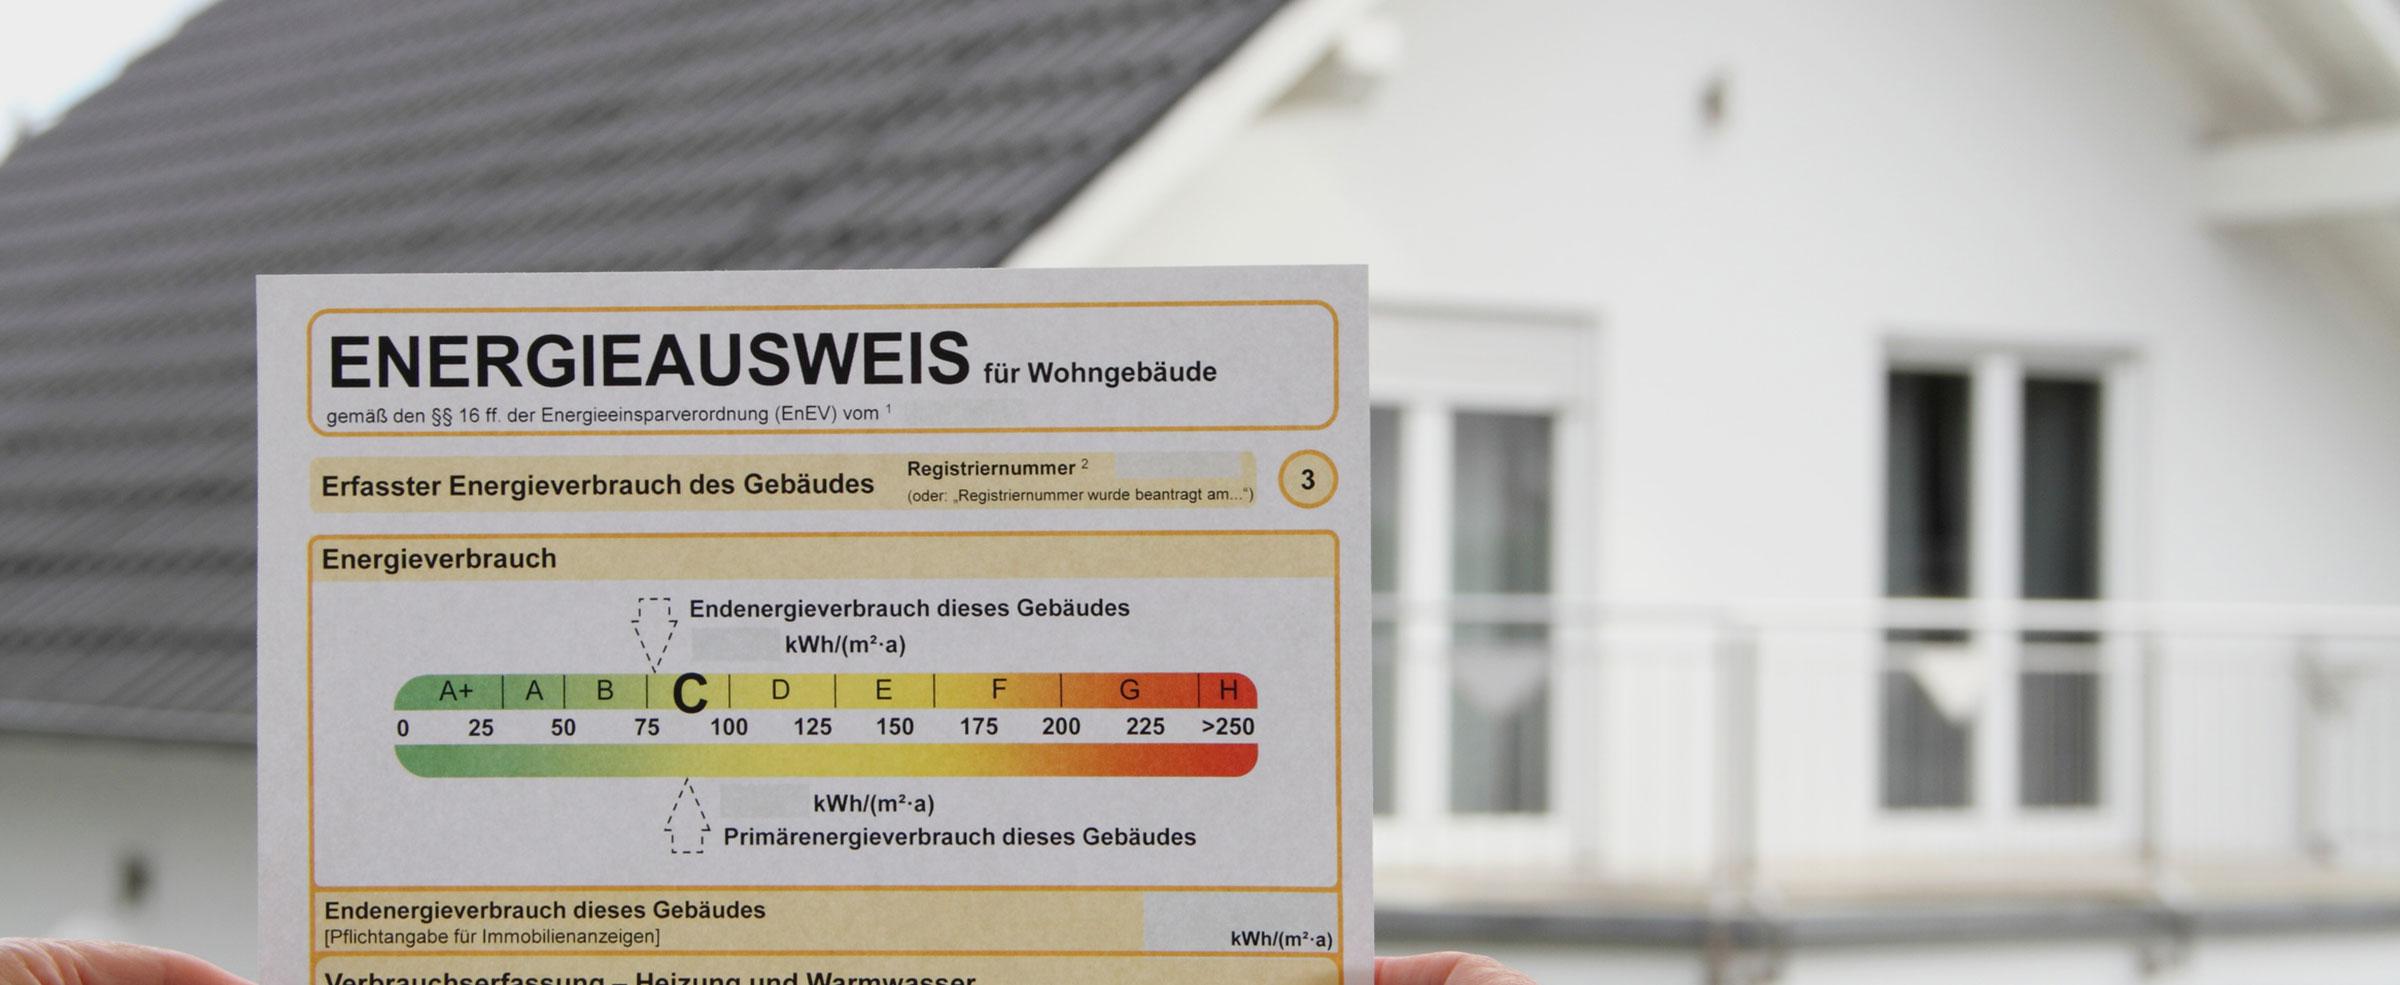 Energieausweis erstellen, Energiepass kosten Energiepass, Energieausweis kosten, Energieausweis online, Energieausweis Pflicht